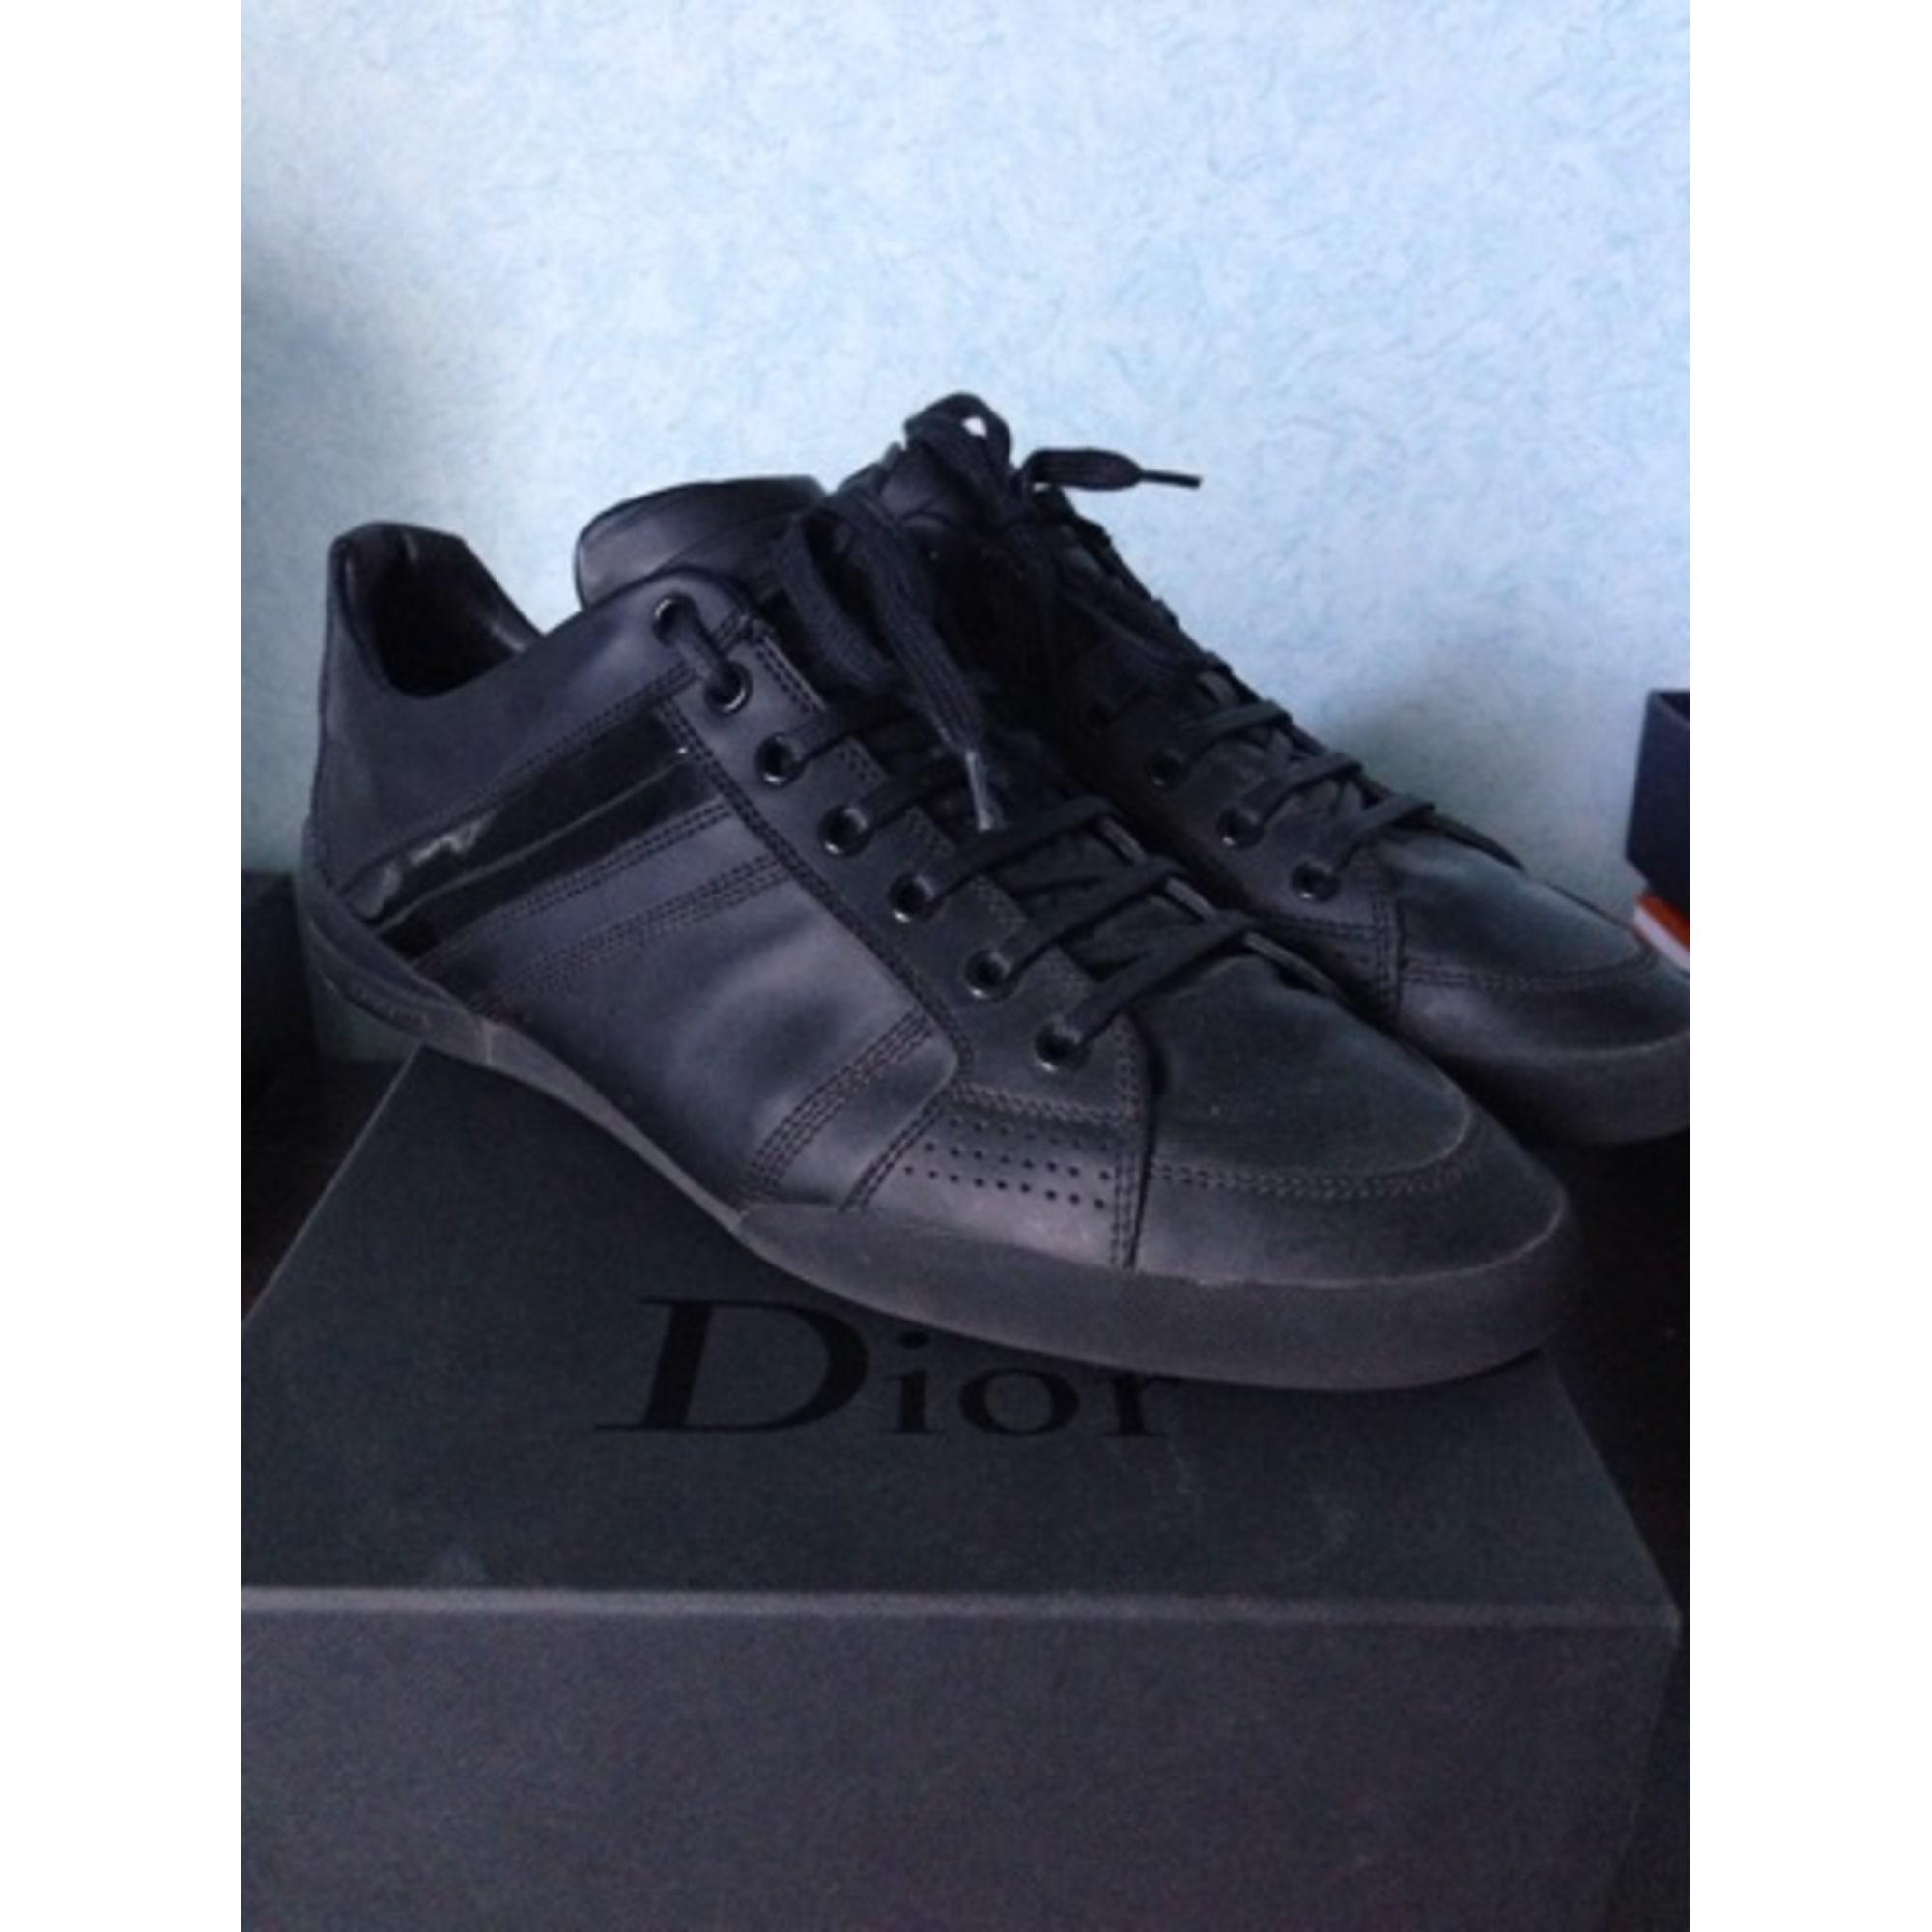 55970244b14 Sneakers DIOR HOMME Black